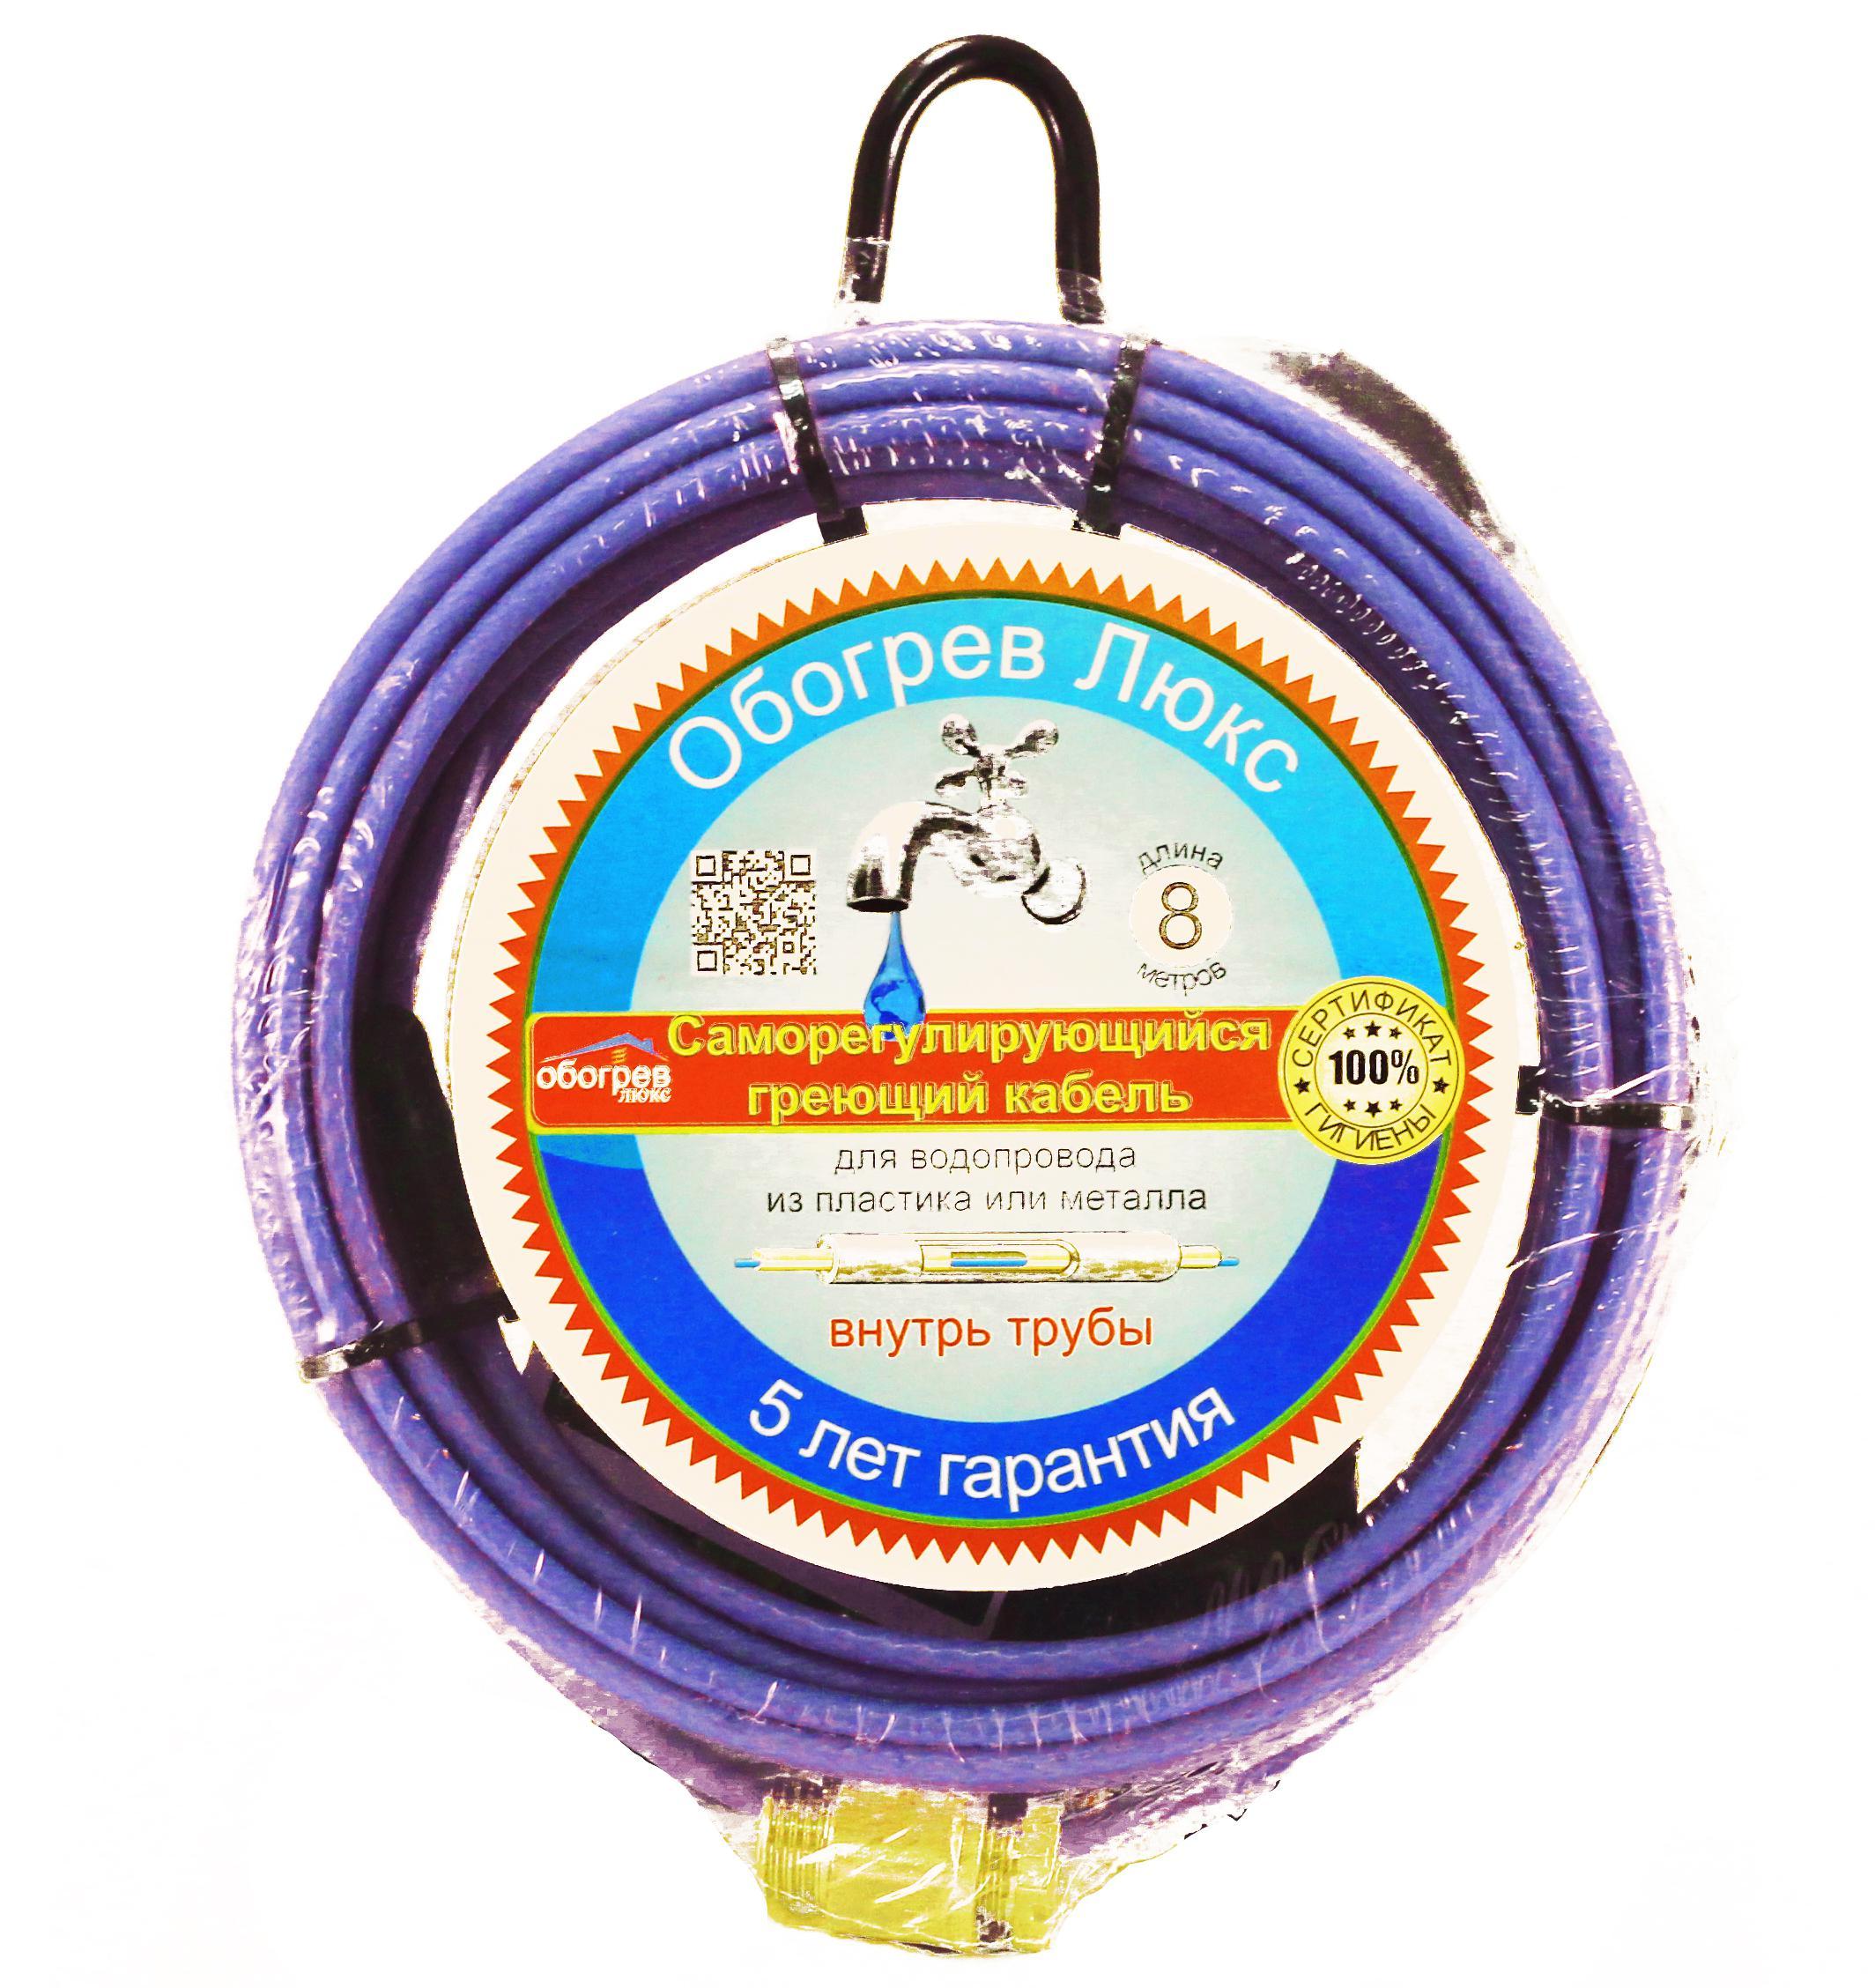 Греющий кабель ОБОГРЕВ ЛЮКС 1 м в трубу от 220 Вольт